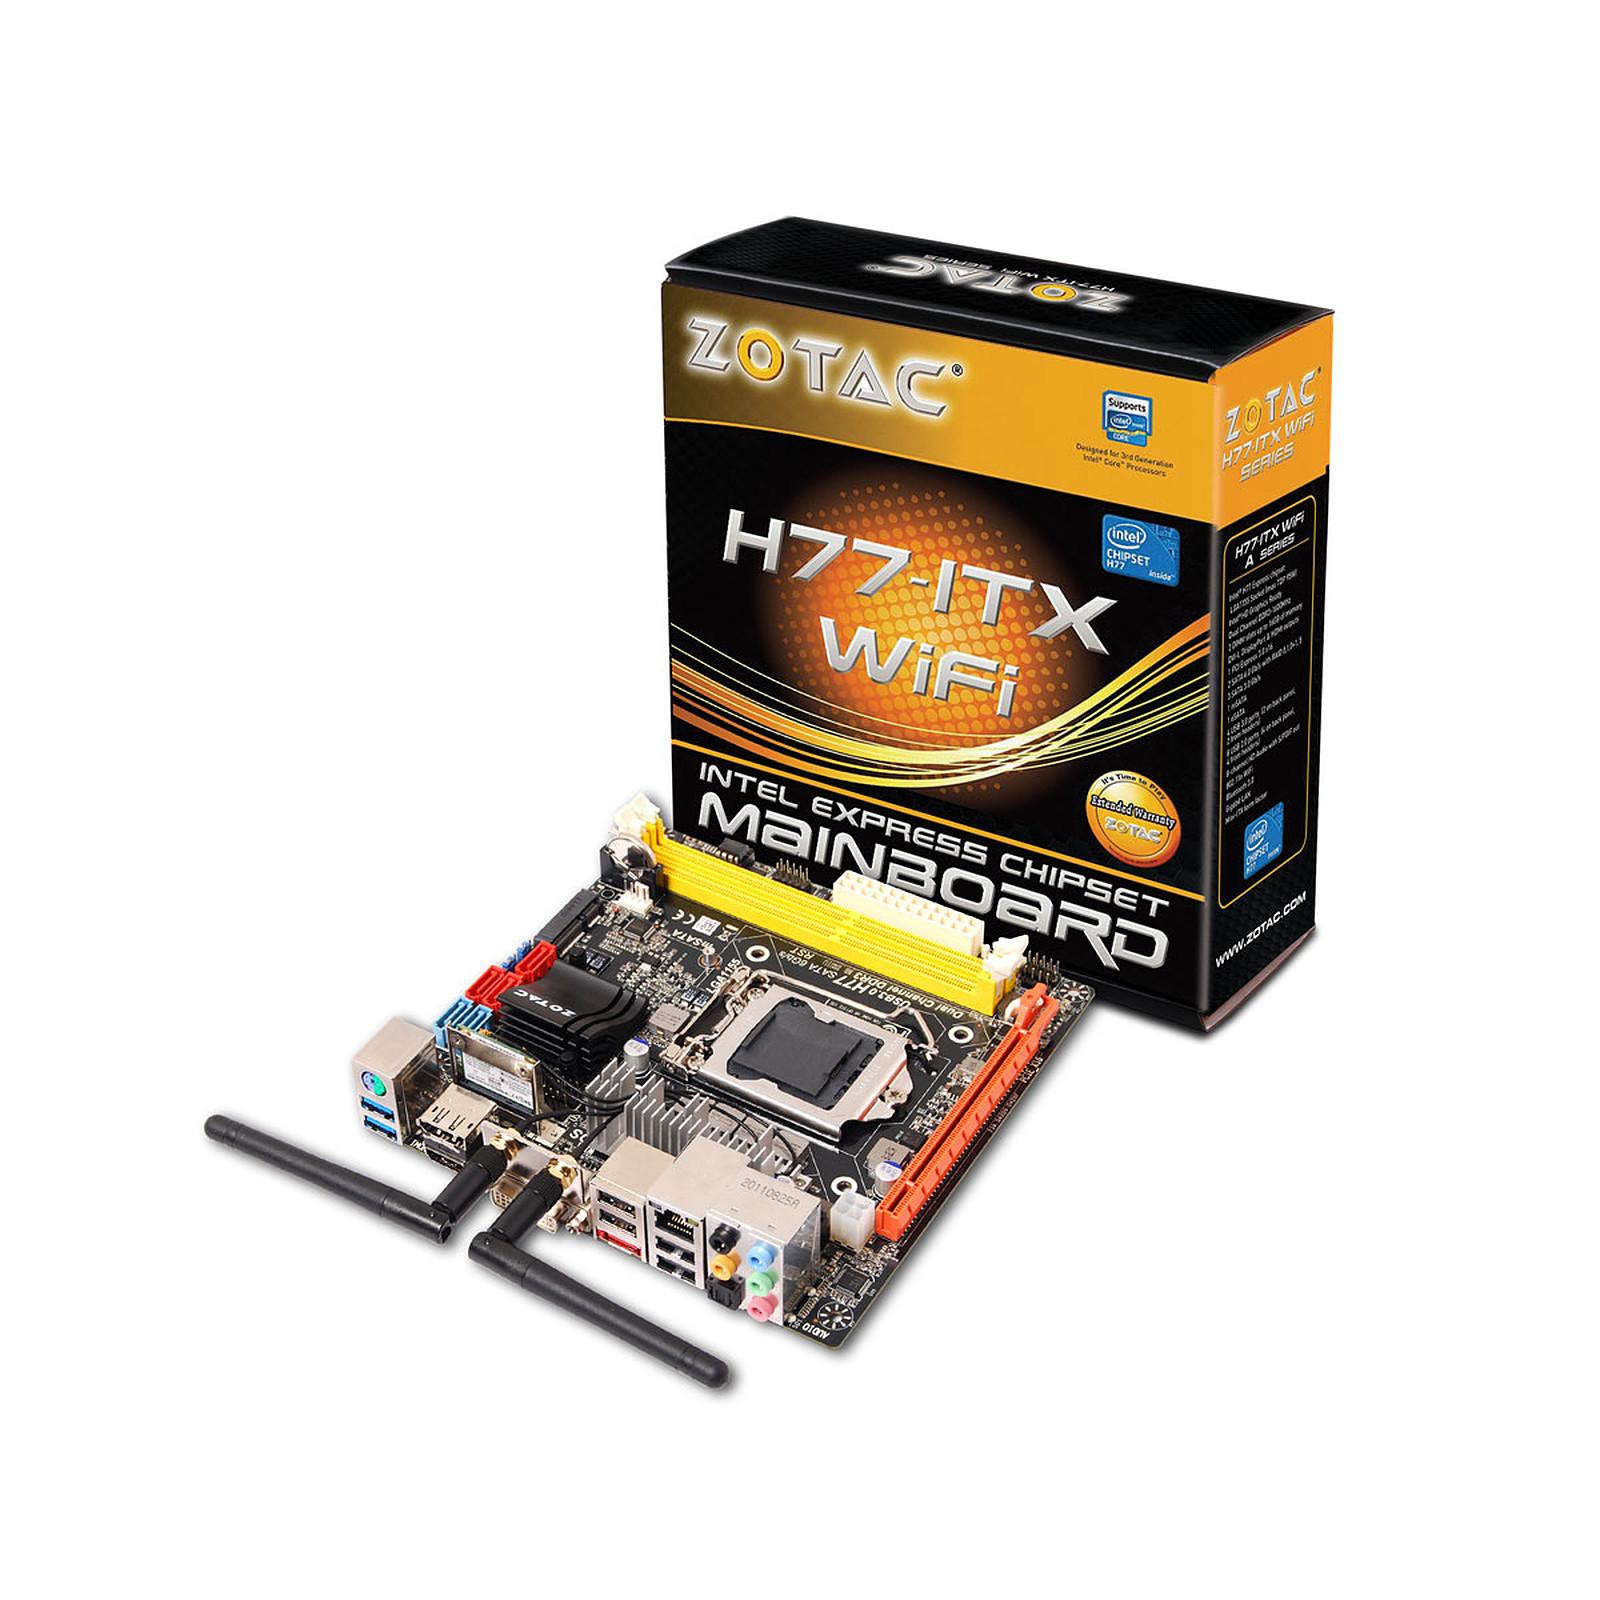 ZOTAC H77-ITX WiFi Mini ITX